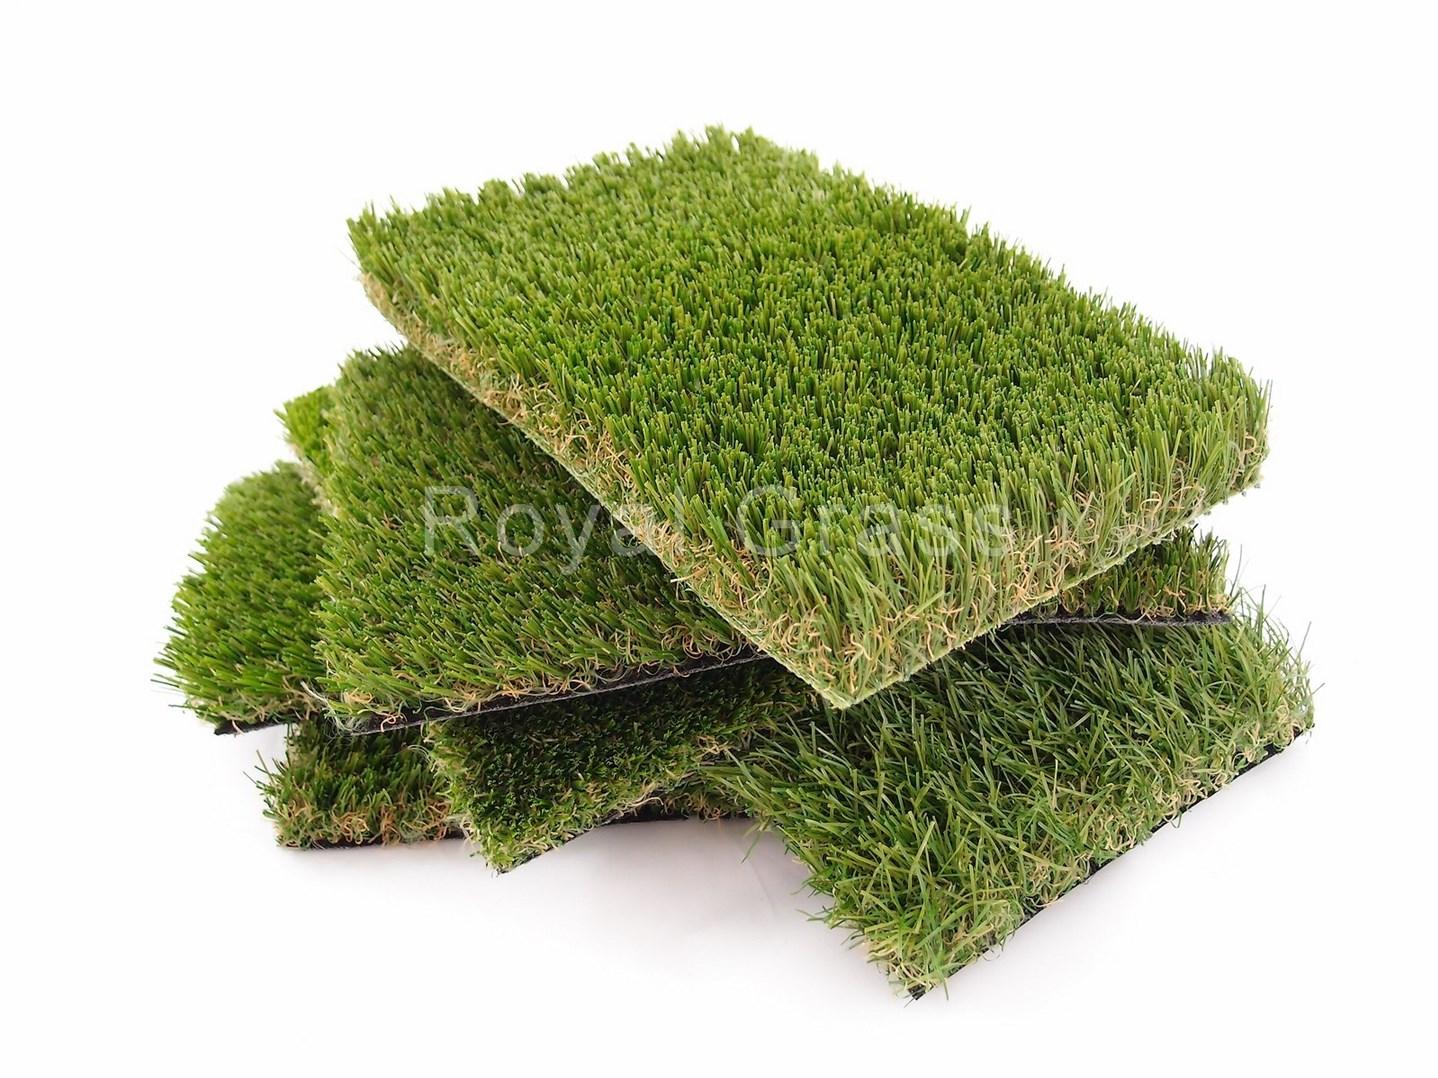 Vzorky umělého trávníku Royal Grass